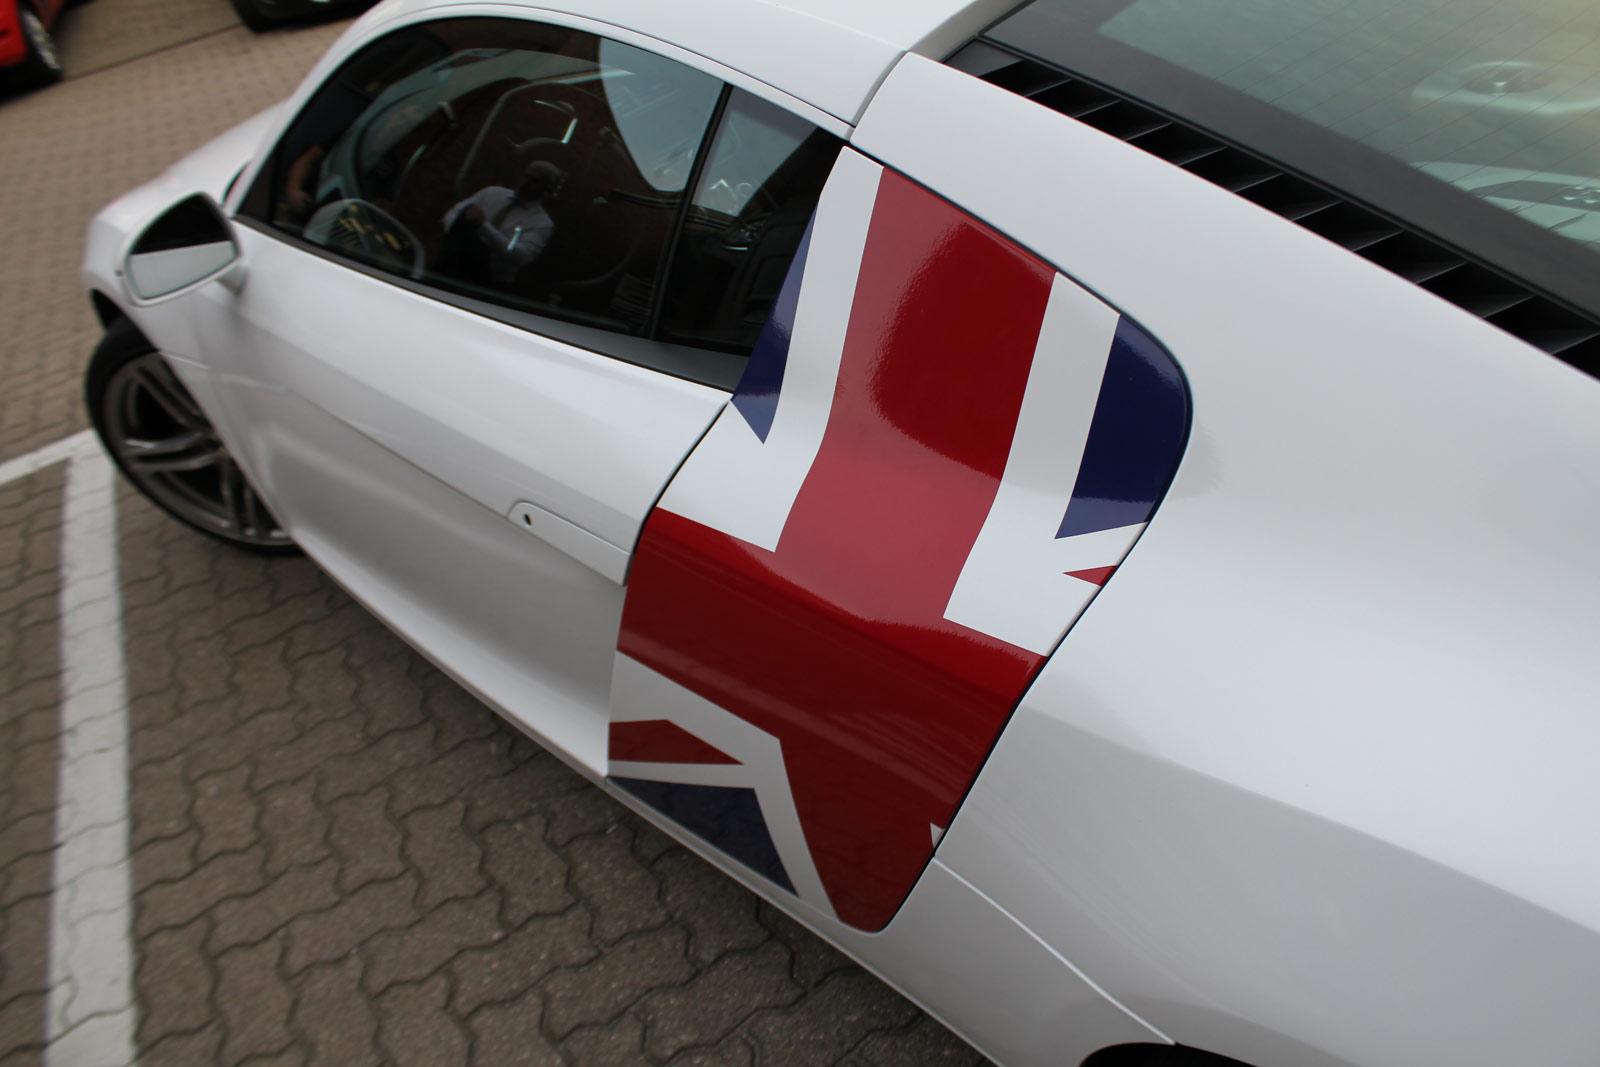 Audi_R8_Folierung_Weiß_Glanz_Union_Jack_Flagge_37